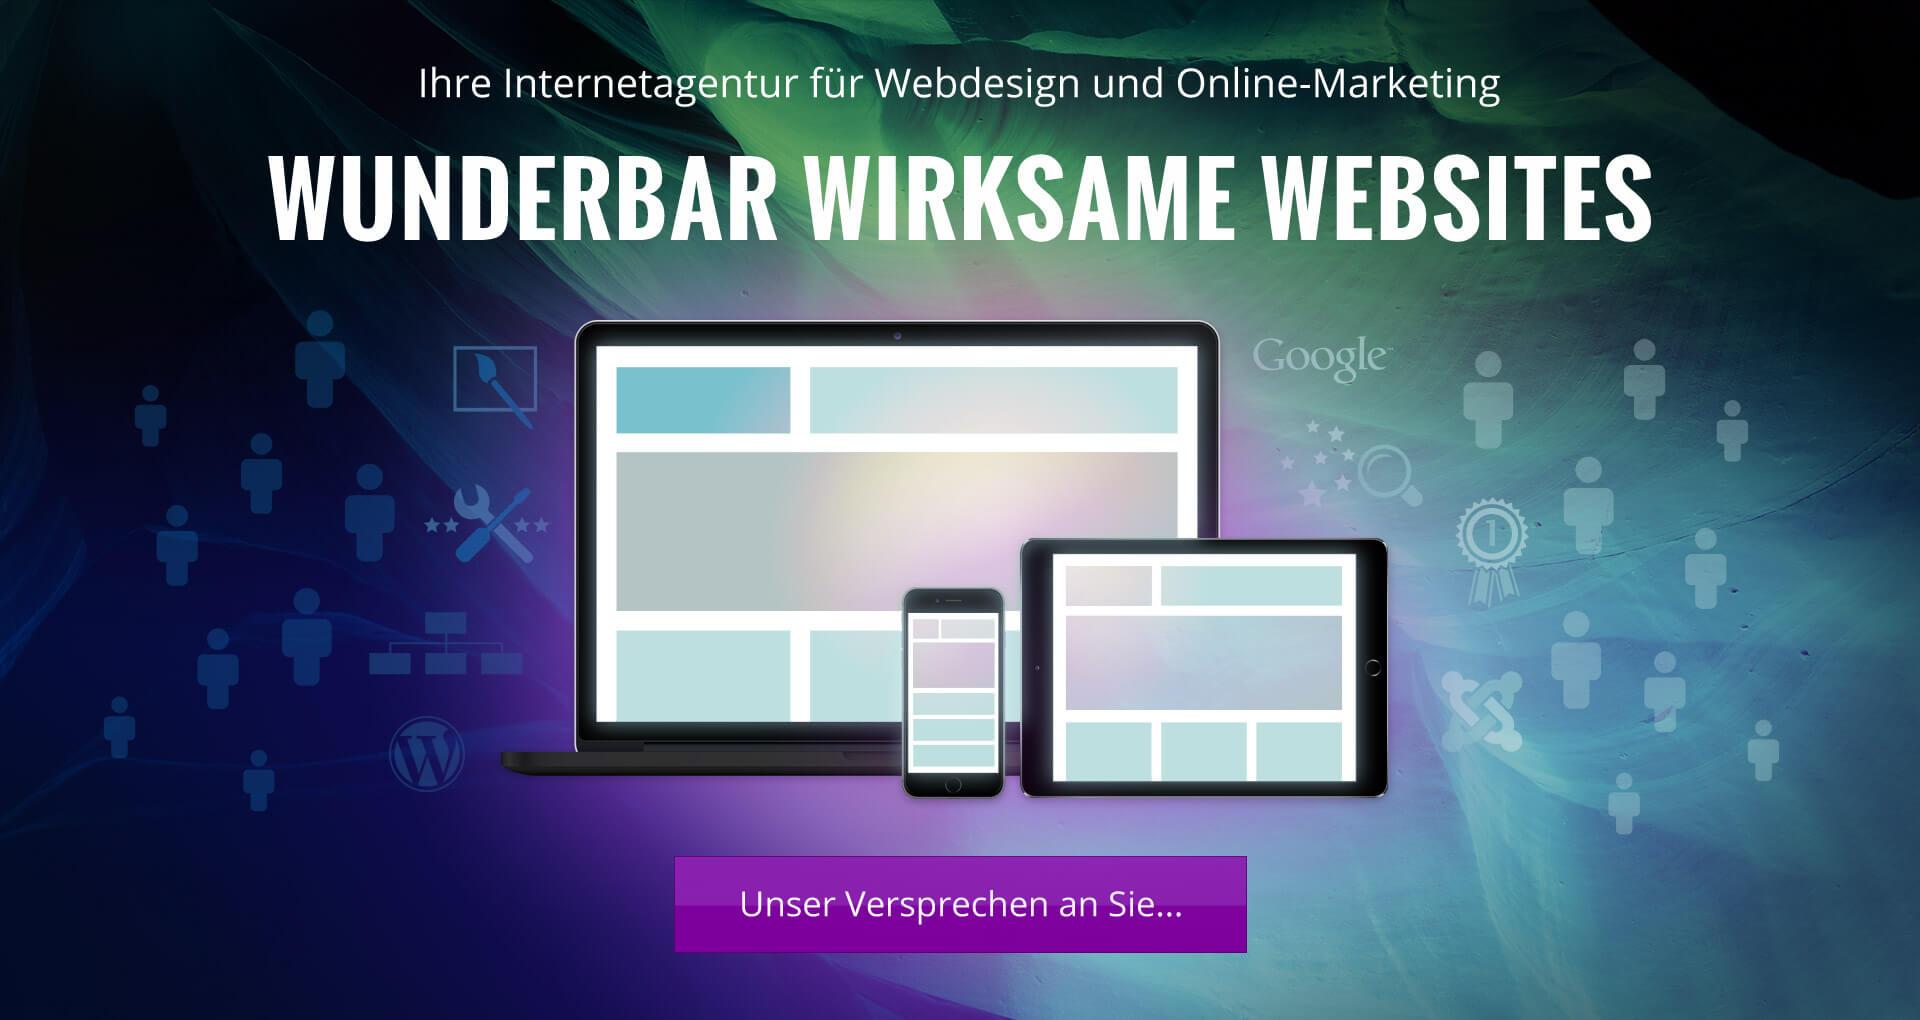 Responsive Webdesign - Header Wunderbar-wirksame-Websites mobile